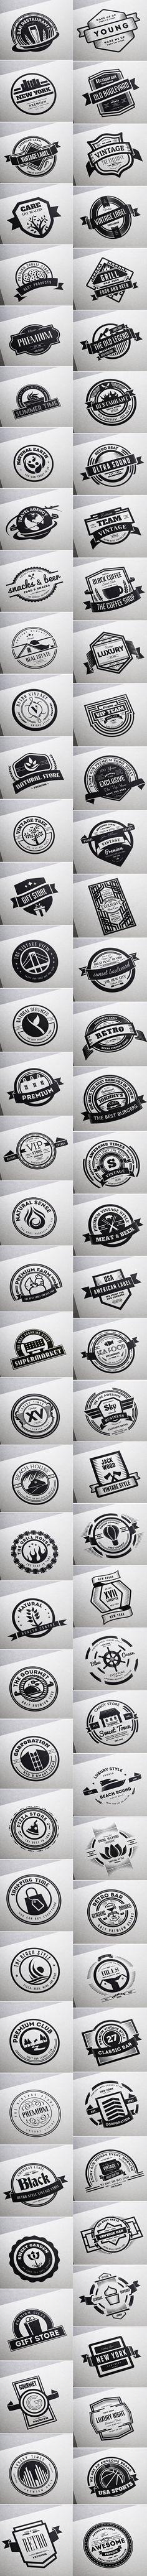 80 Vintage Labels & Badges Logos - Premium Bundle by Design District, via Behance